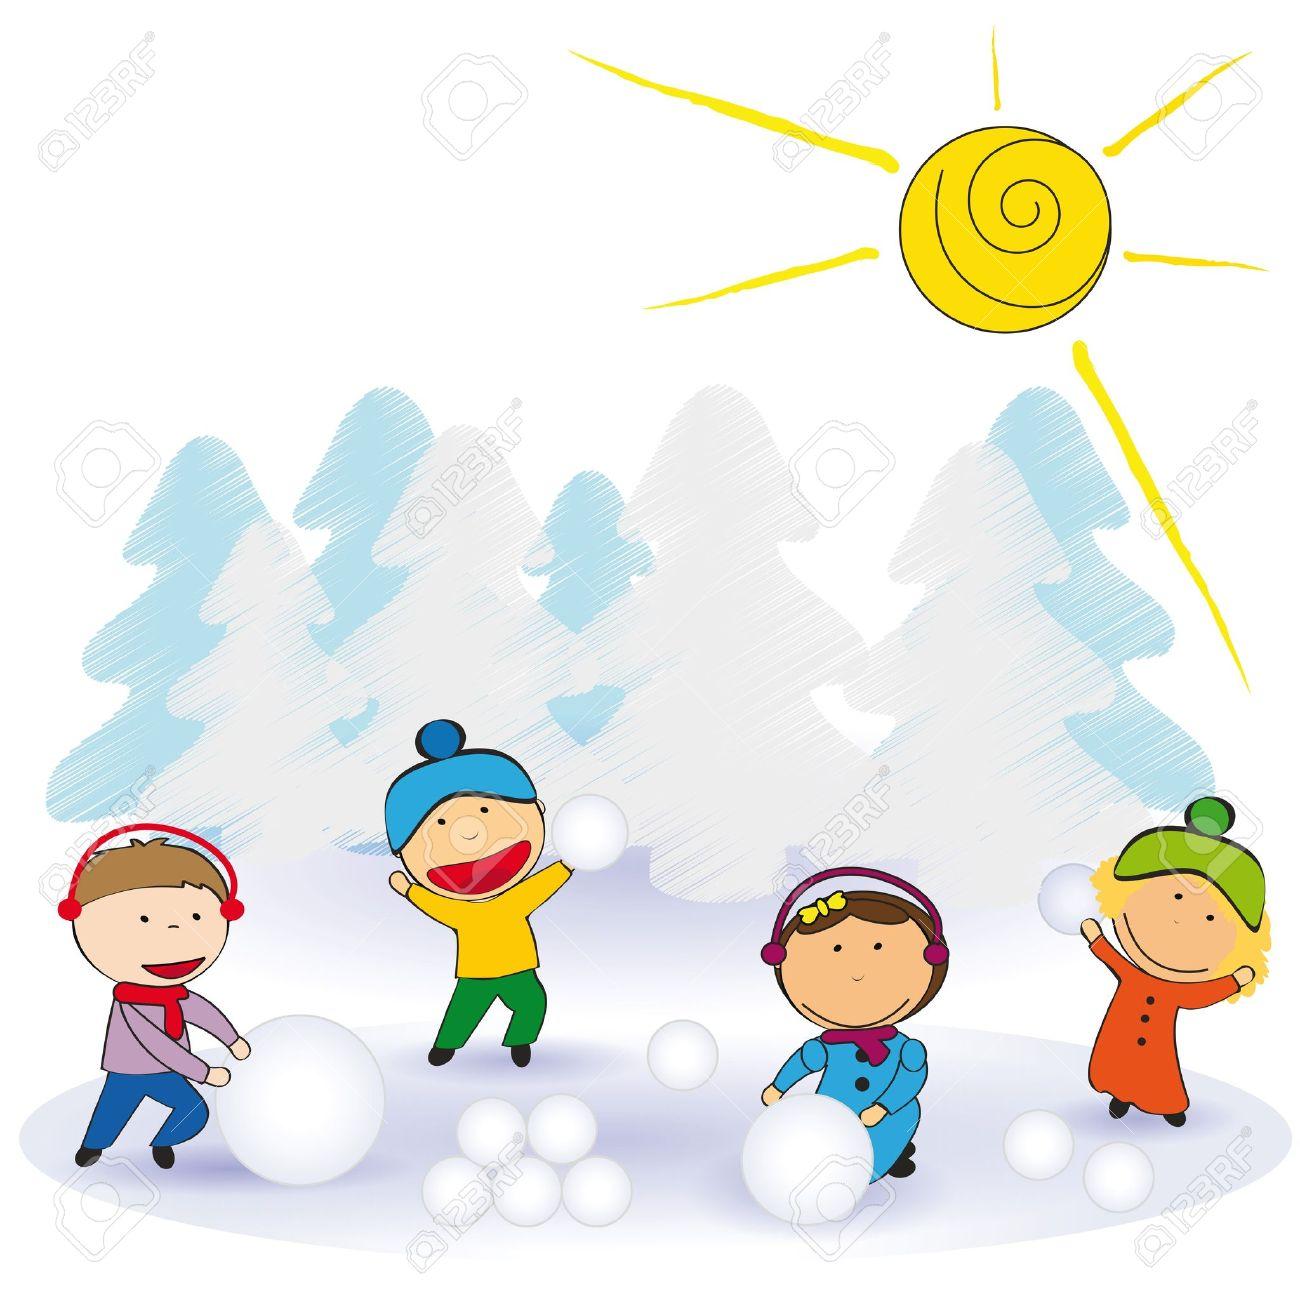 Kleine Und Glückliche Kinder Im Winter Mit Schnee Lizenzfrei